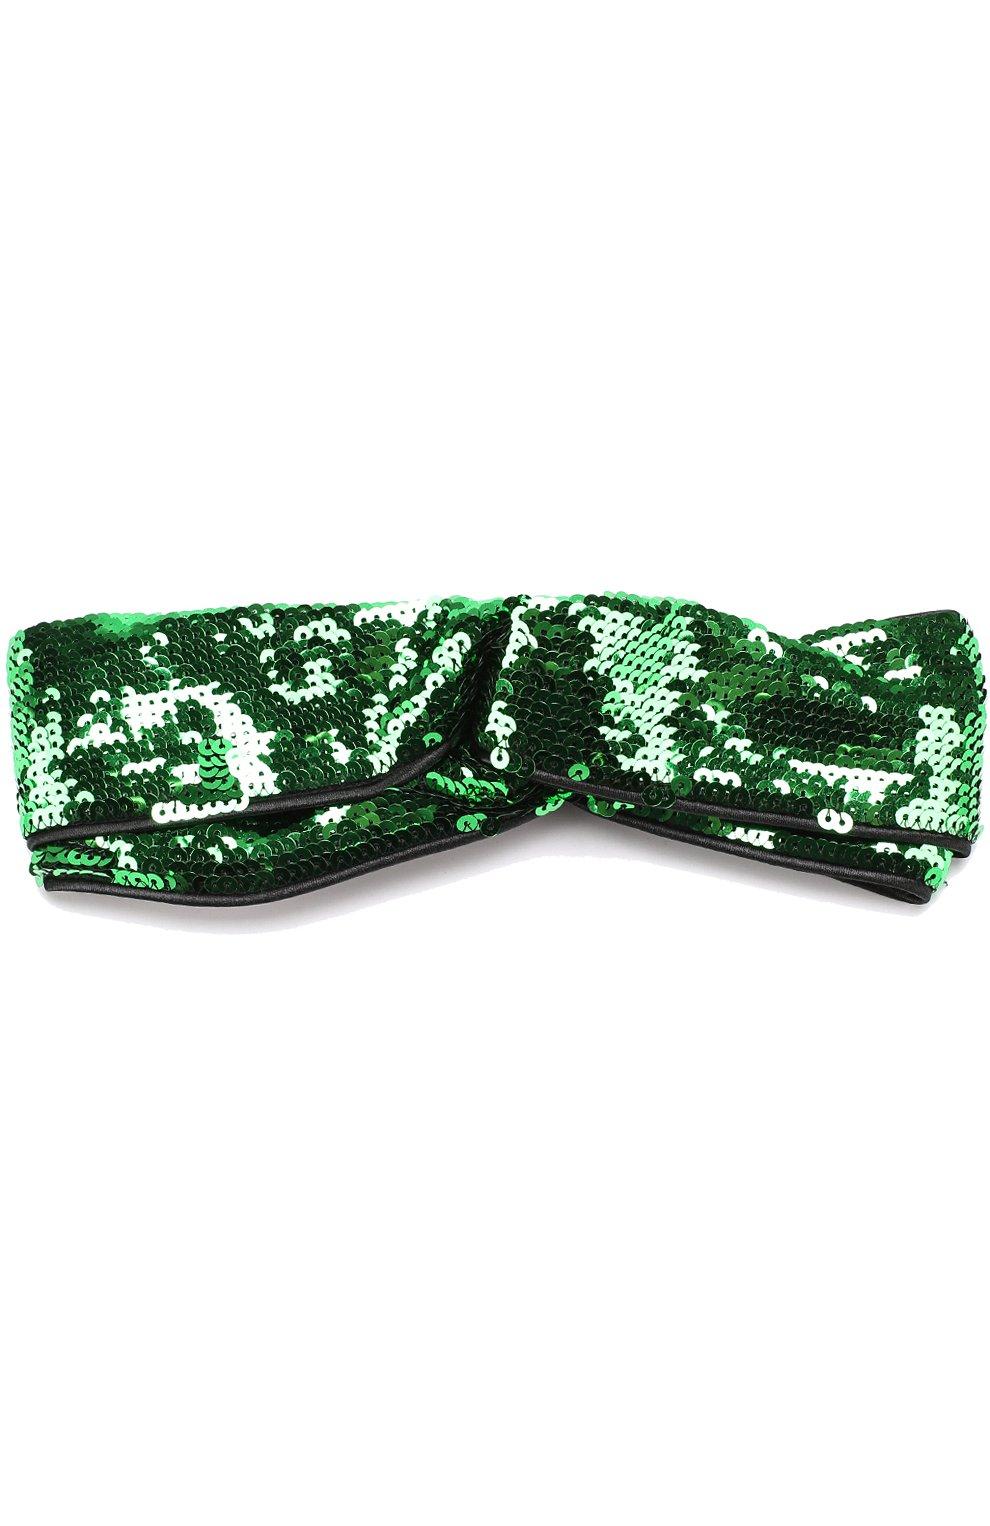 Детская повязка на голову с пайетками GUCCI зеленого цвета, арт. 473602/4K504 | Фото 1 (Материал: Текстиль, Синтетический материал; Статус проверки: Проверено, Проверена категория)